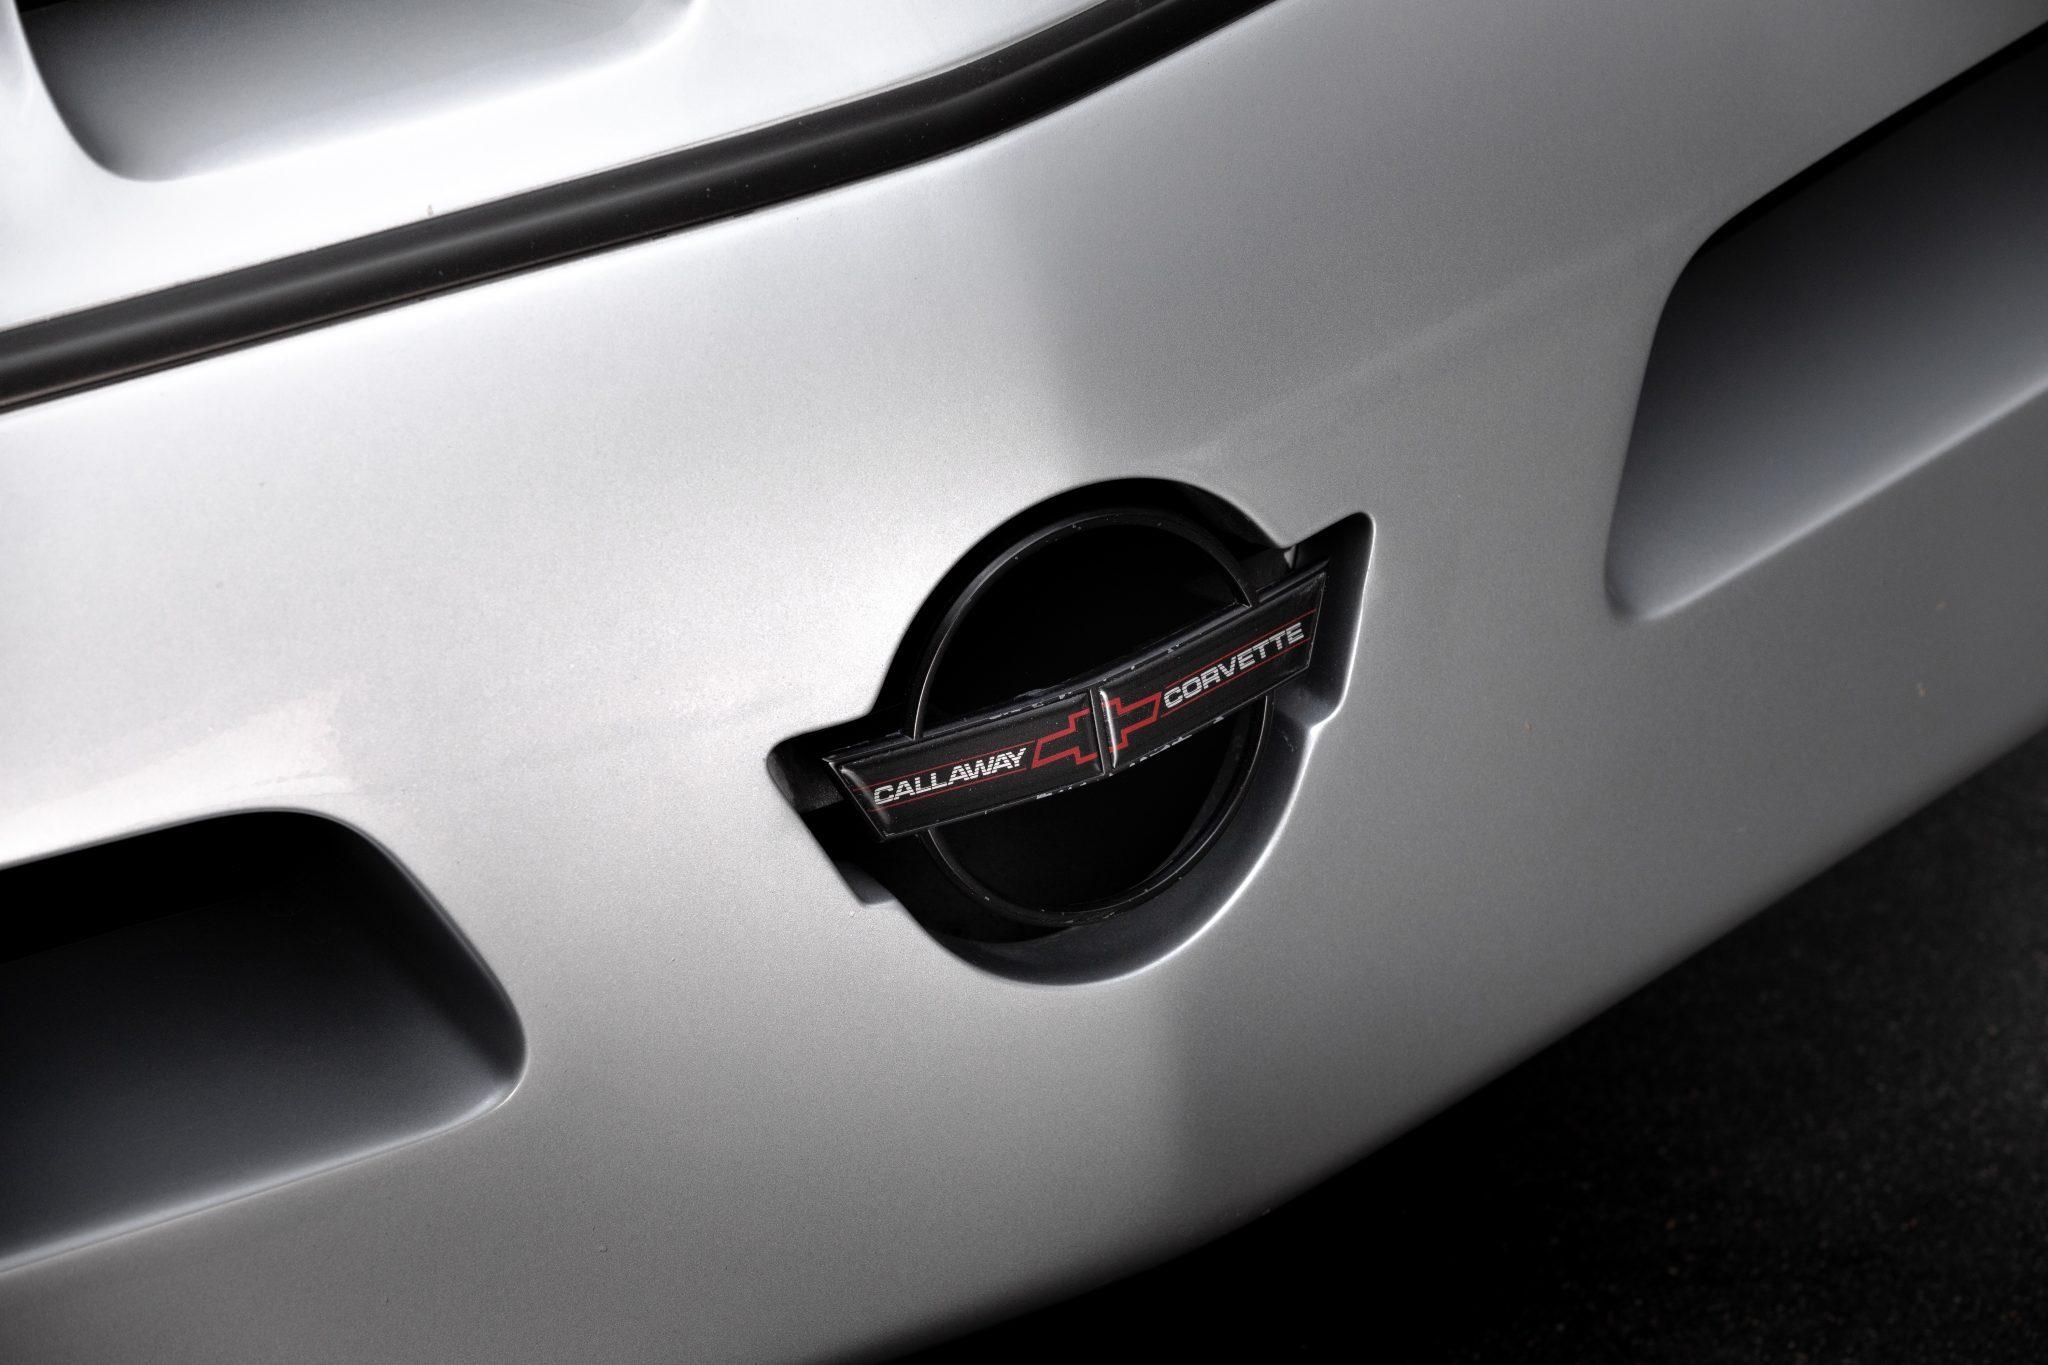 1988 Chevrolet Corvette Callaway SledgeHammer BaT front logo